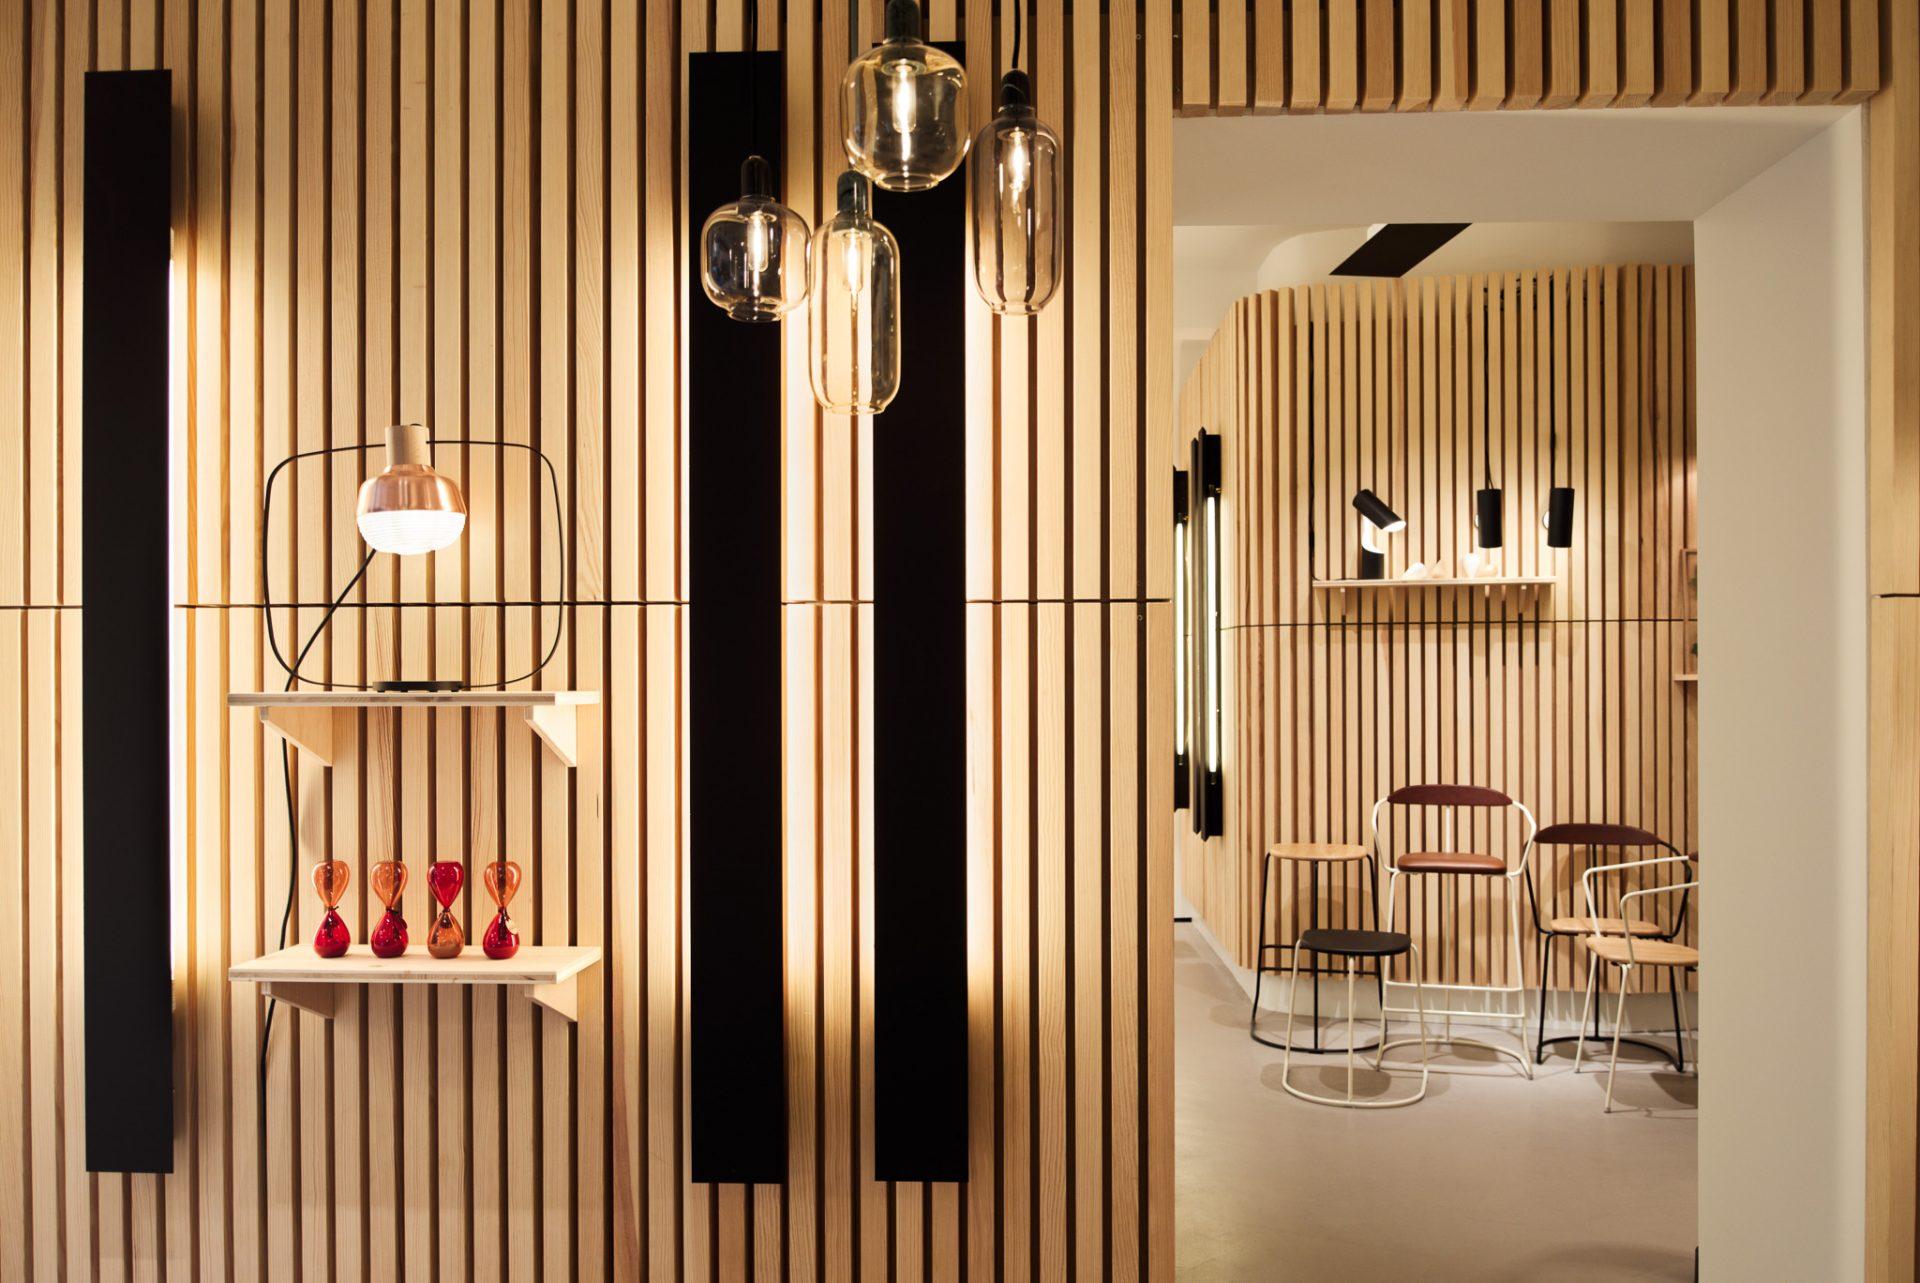 luminaire mobilier design minimalistes lampes meubles design scandinave objets dco aix en provence - Luminaire Style Scandinave